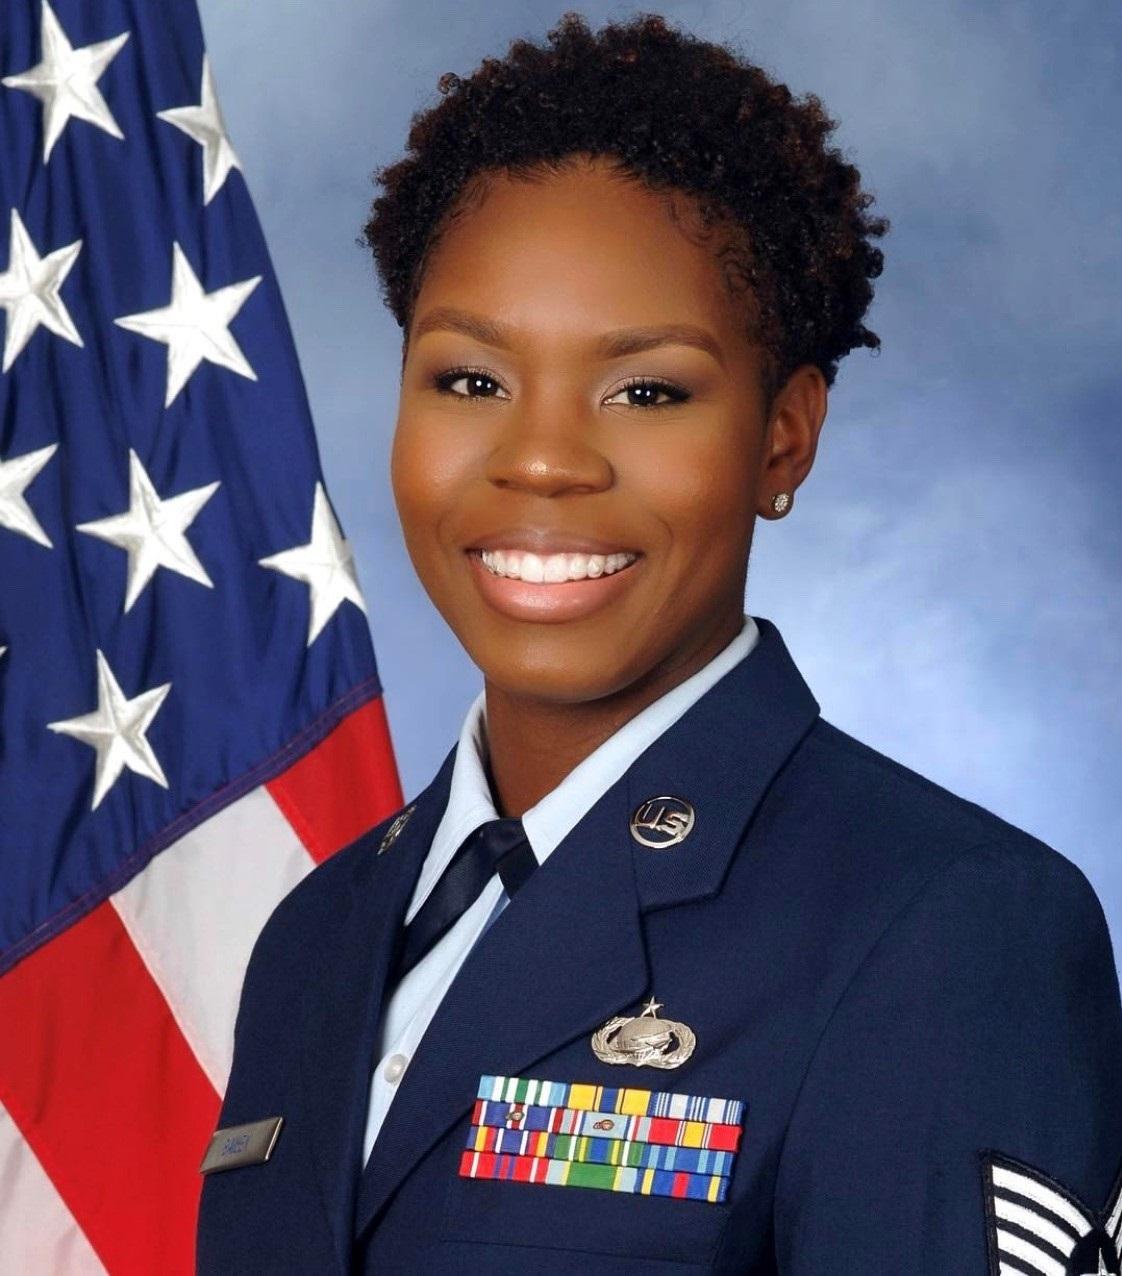 EBONI bAILEY, TSGT USAF